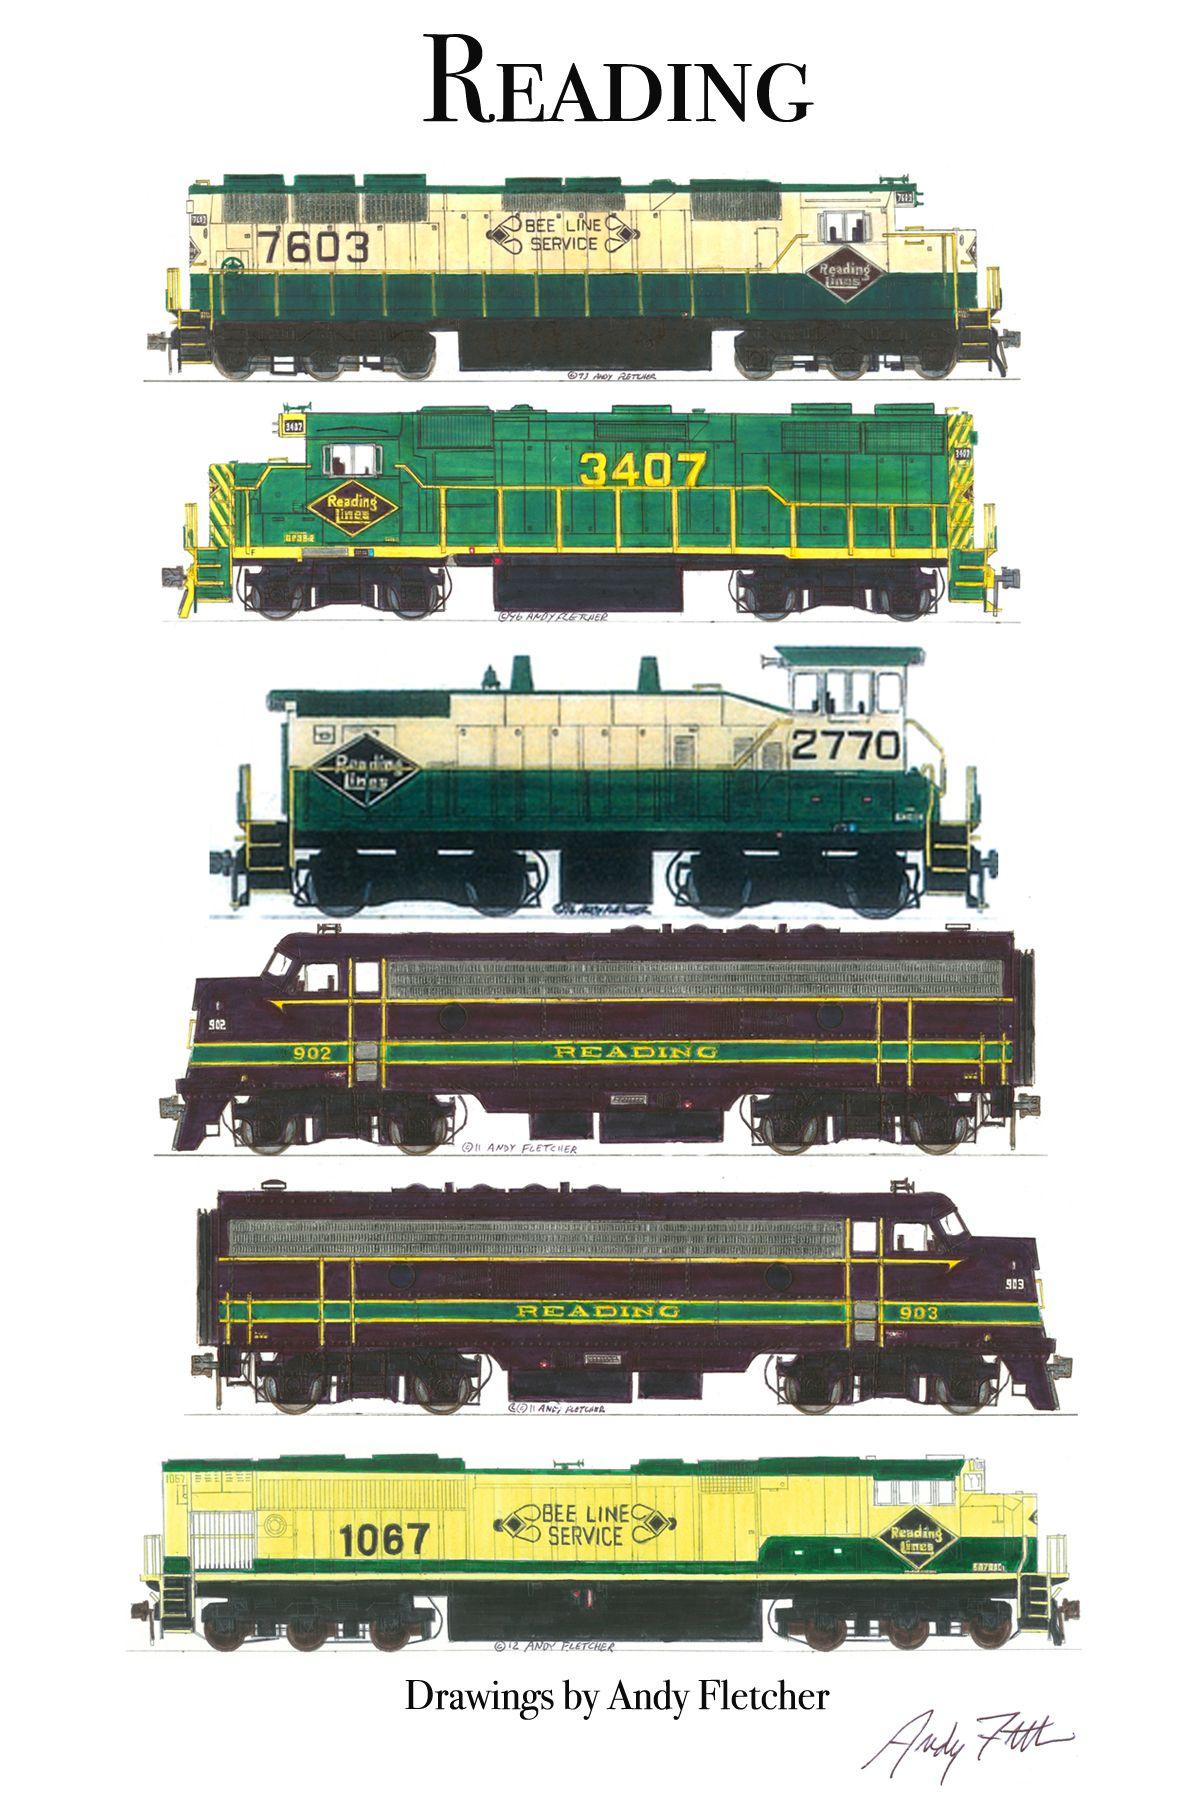 transpress nz: Pennsylvania Railroad art, 1940s | Railroad ... |Reading Railroad Train Art Prints